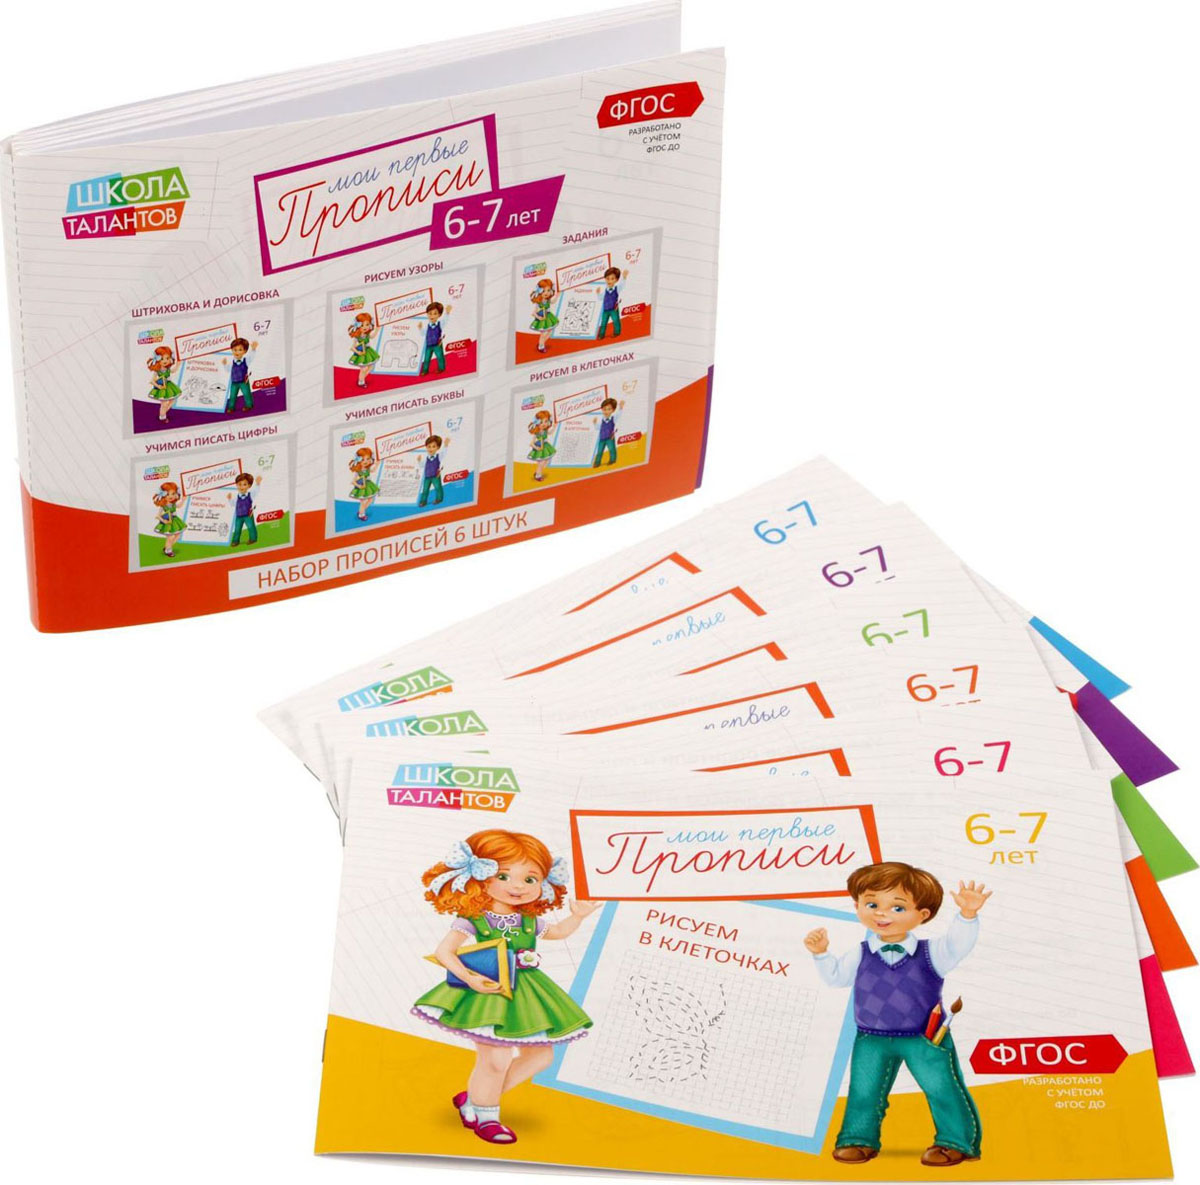 Набор прописей 6 штук, для детей 6-7 лет1972991Серия «Мои первые прописи» познакомит ребёнка с письмом в форме увлекательной игры. Все элементы и картинки прорисованы толстым контуром, их удобно обводить и раскрашивать.В набор входят:прописи «Буквы»;прописи «Цифры»;прописи «Клеточки»;прописи «Узоры»;прописи «Задания»;прописи «Картинки».Пособия разработаны с учётом возрастных и психологических особенностей детей.Занимайтесь с пользой и удовольствием!